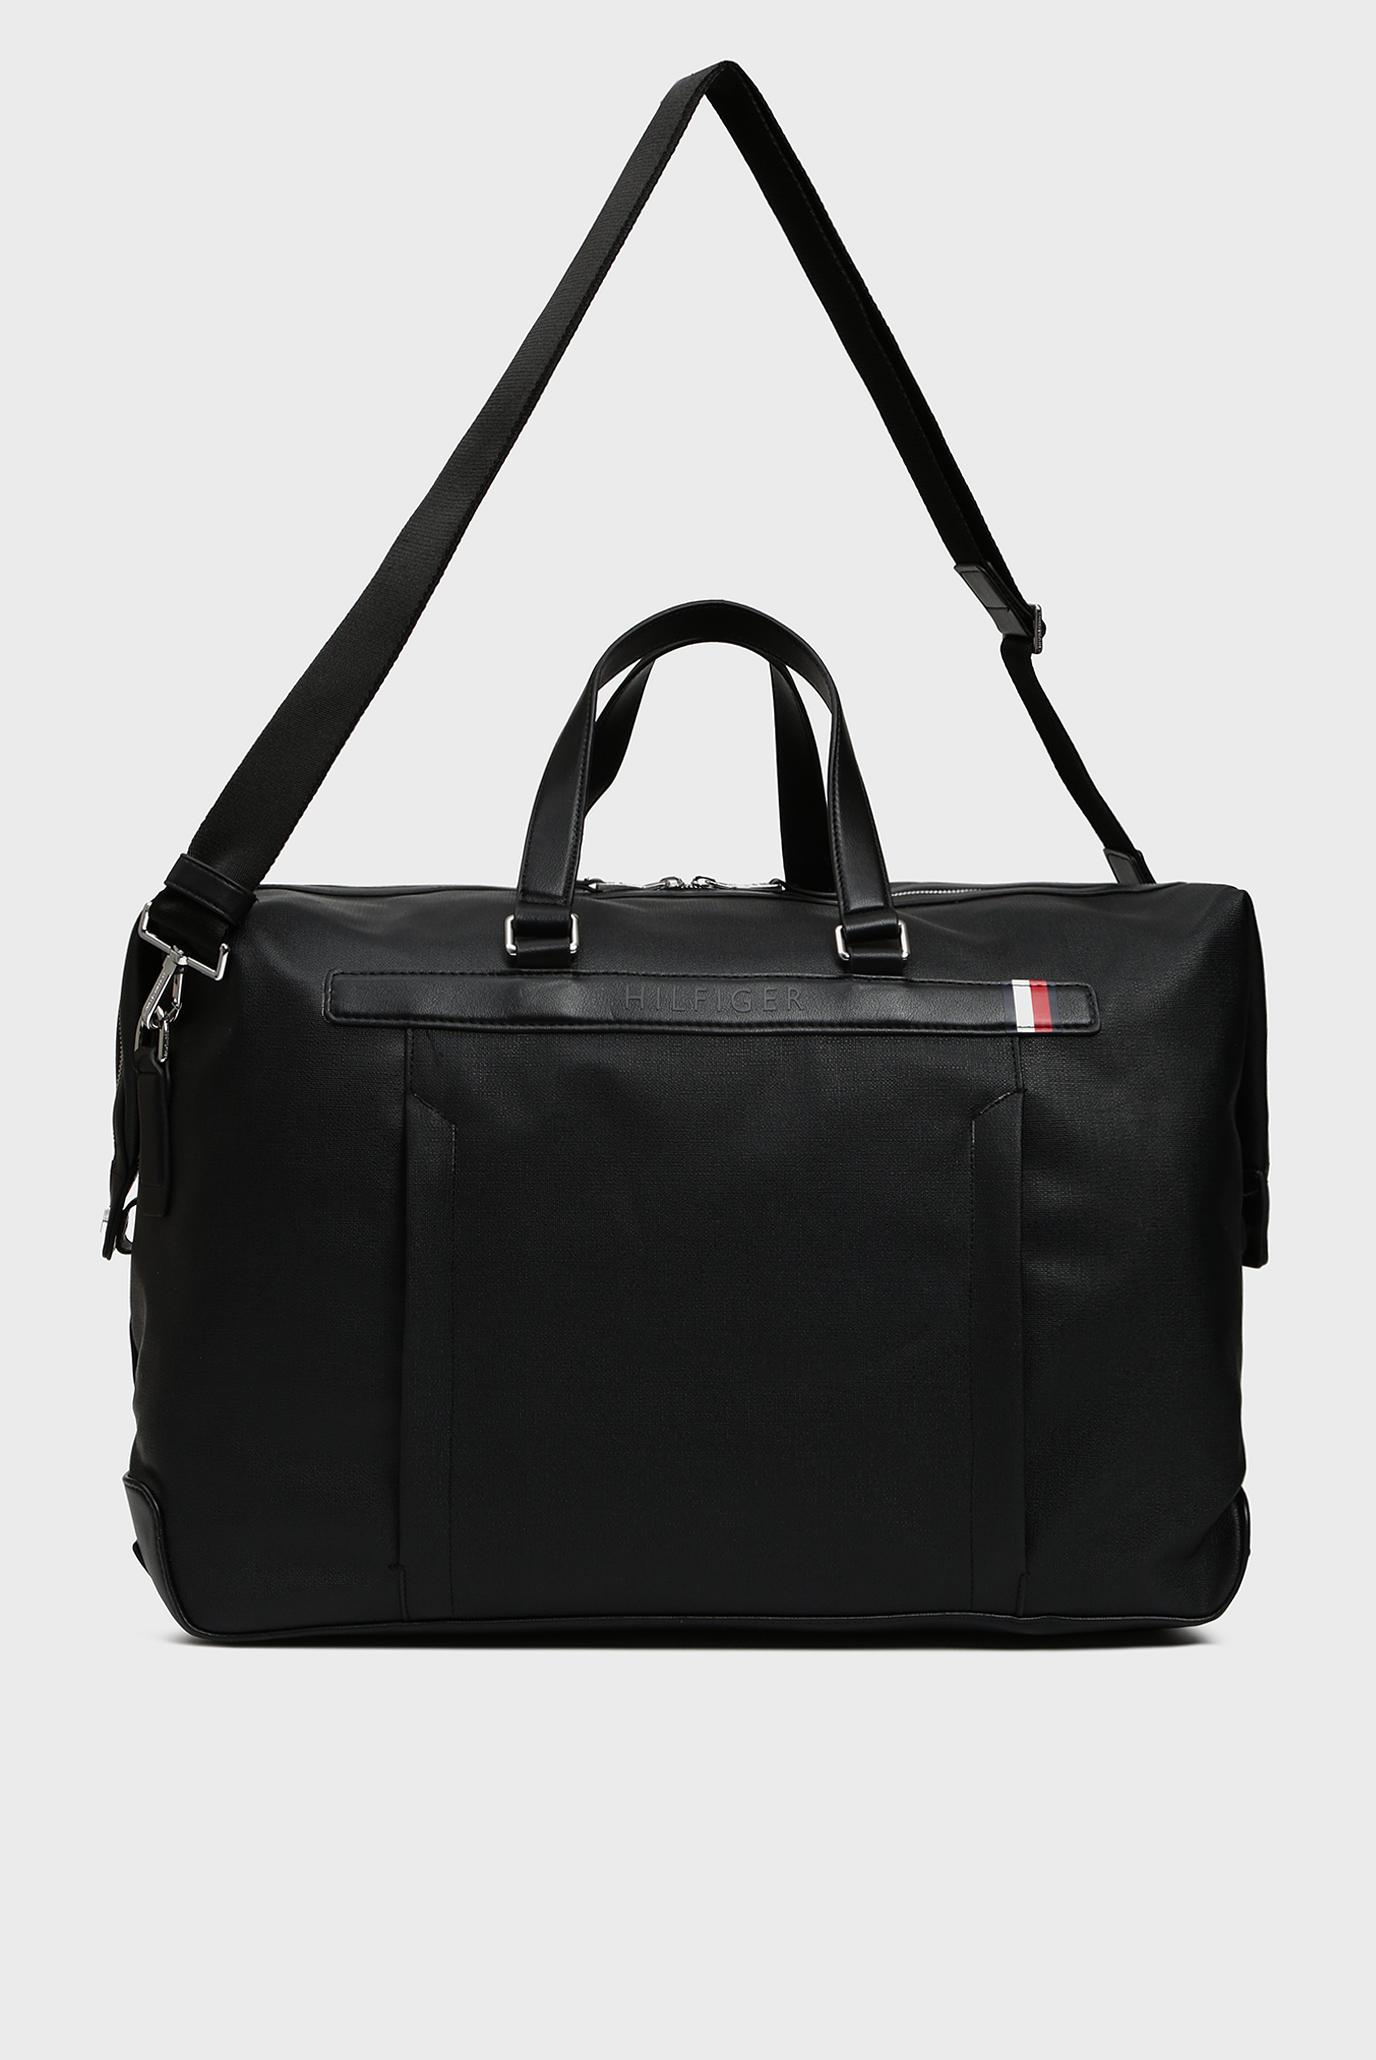 Купить Мужская черная дорожная сумка COATED CANVAS DUFFLE Tommy Hilfiger Tommy Hilfiger AM0AM04963 – Киев, Украина. Цены в интернет магазине MD Fashion